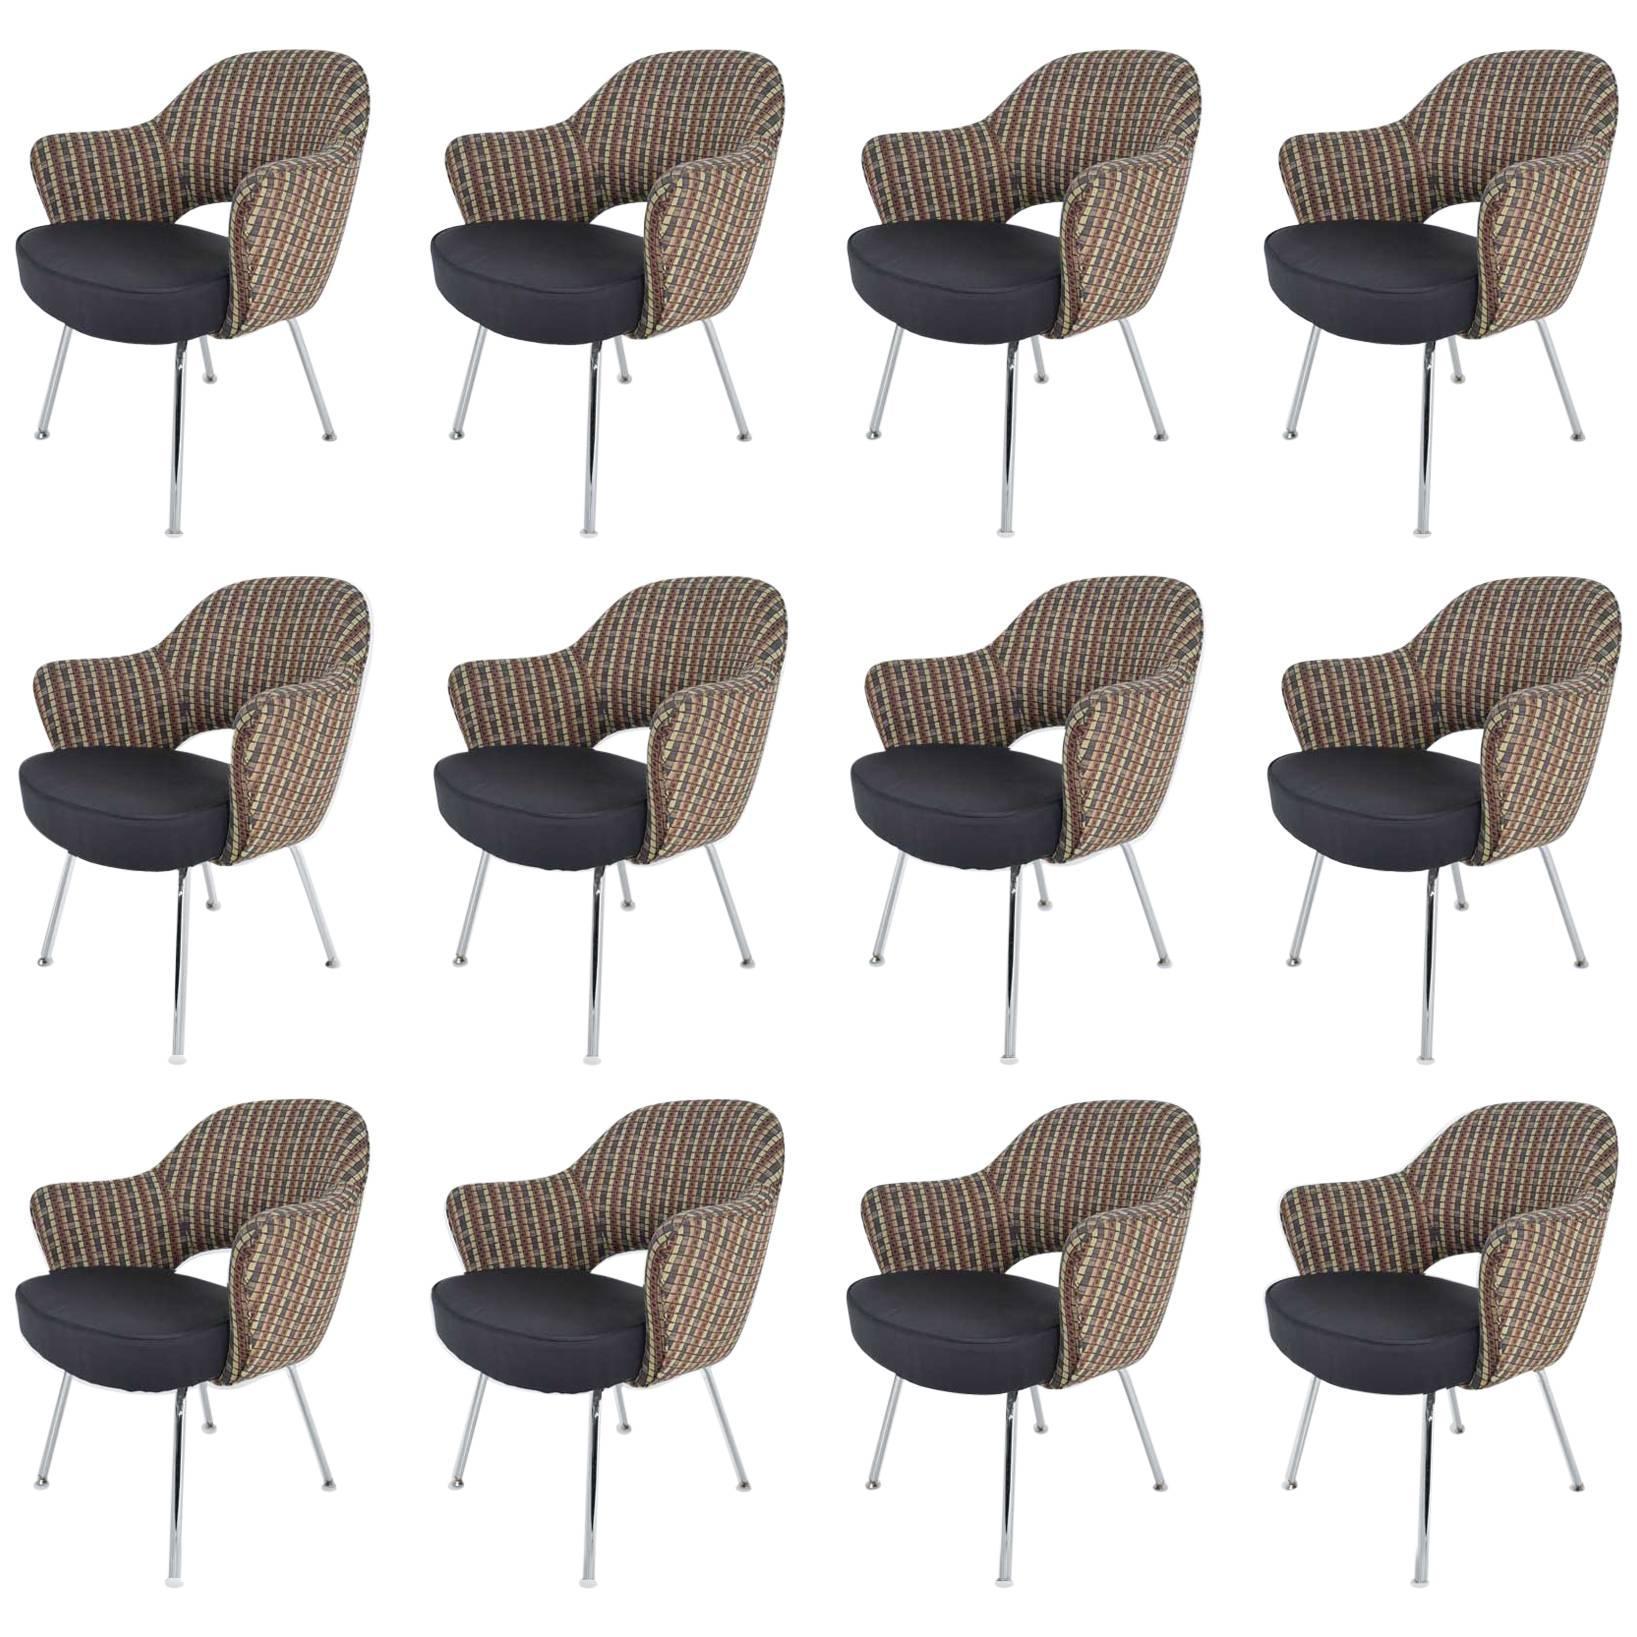 Eero Saarinen for Knoll Executive Armchairs